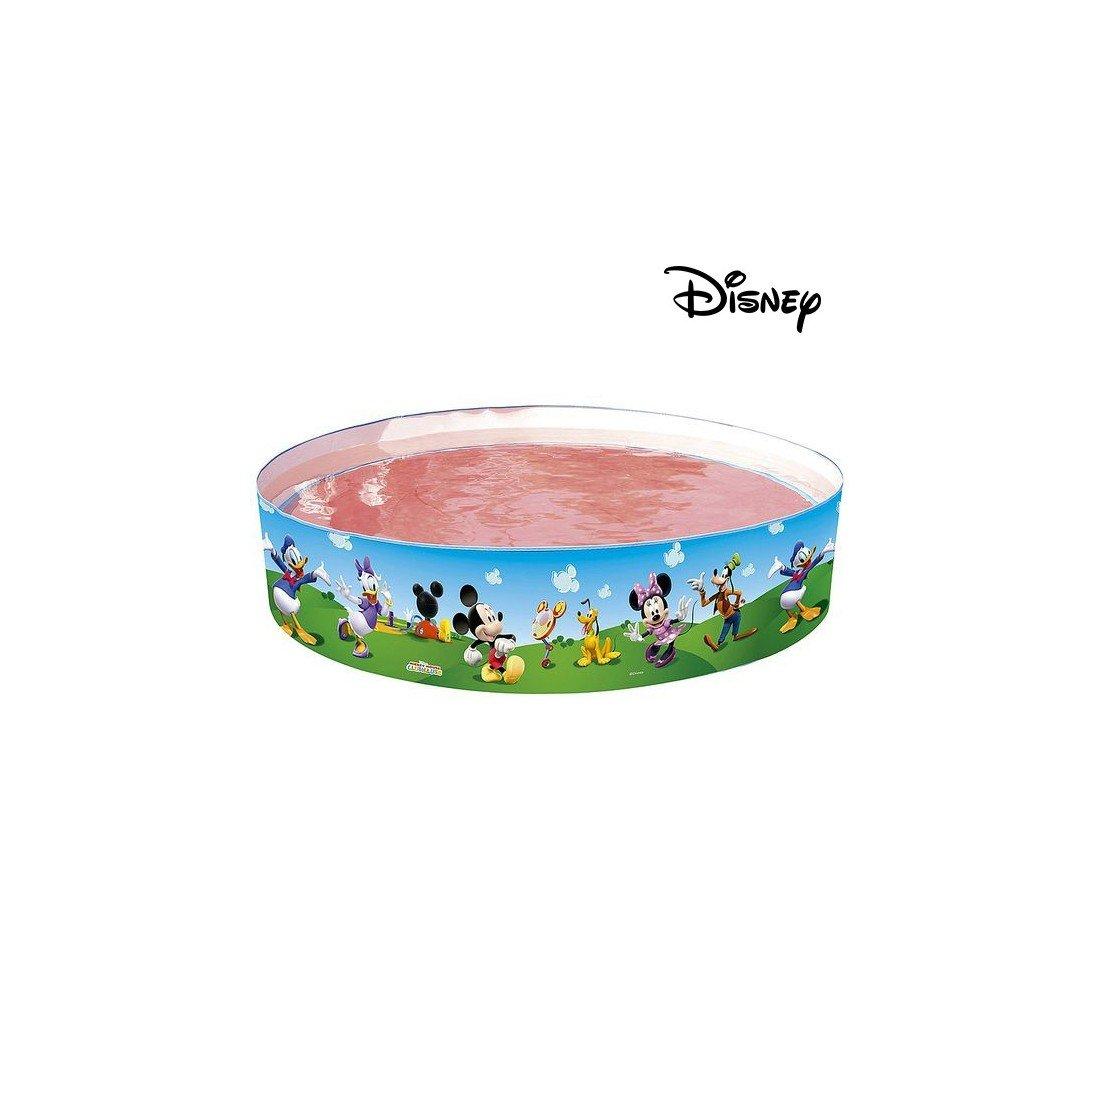 Piscina Hinchable Mickey Mouse 6165: Amazon.es: Bricolaje y ...